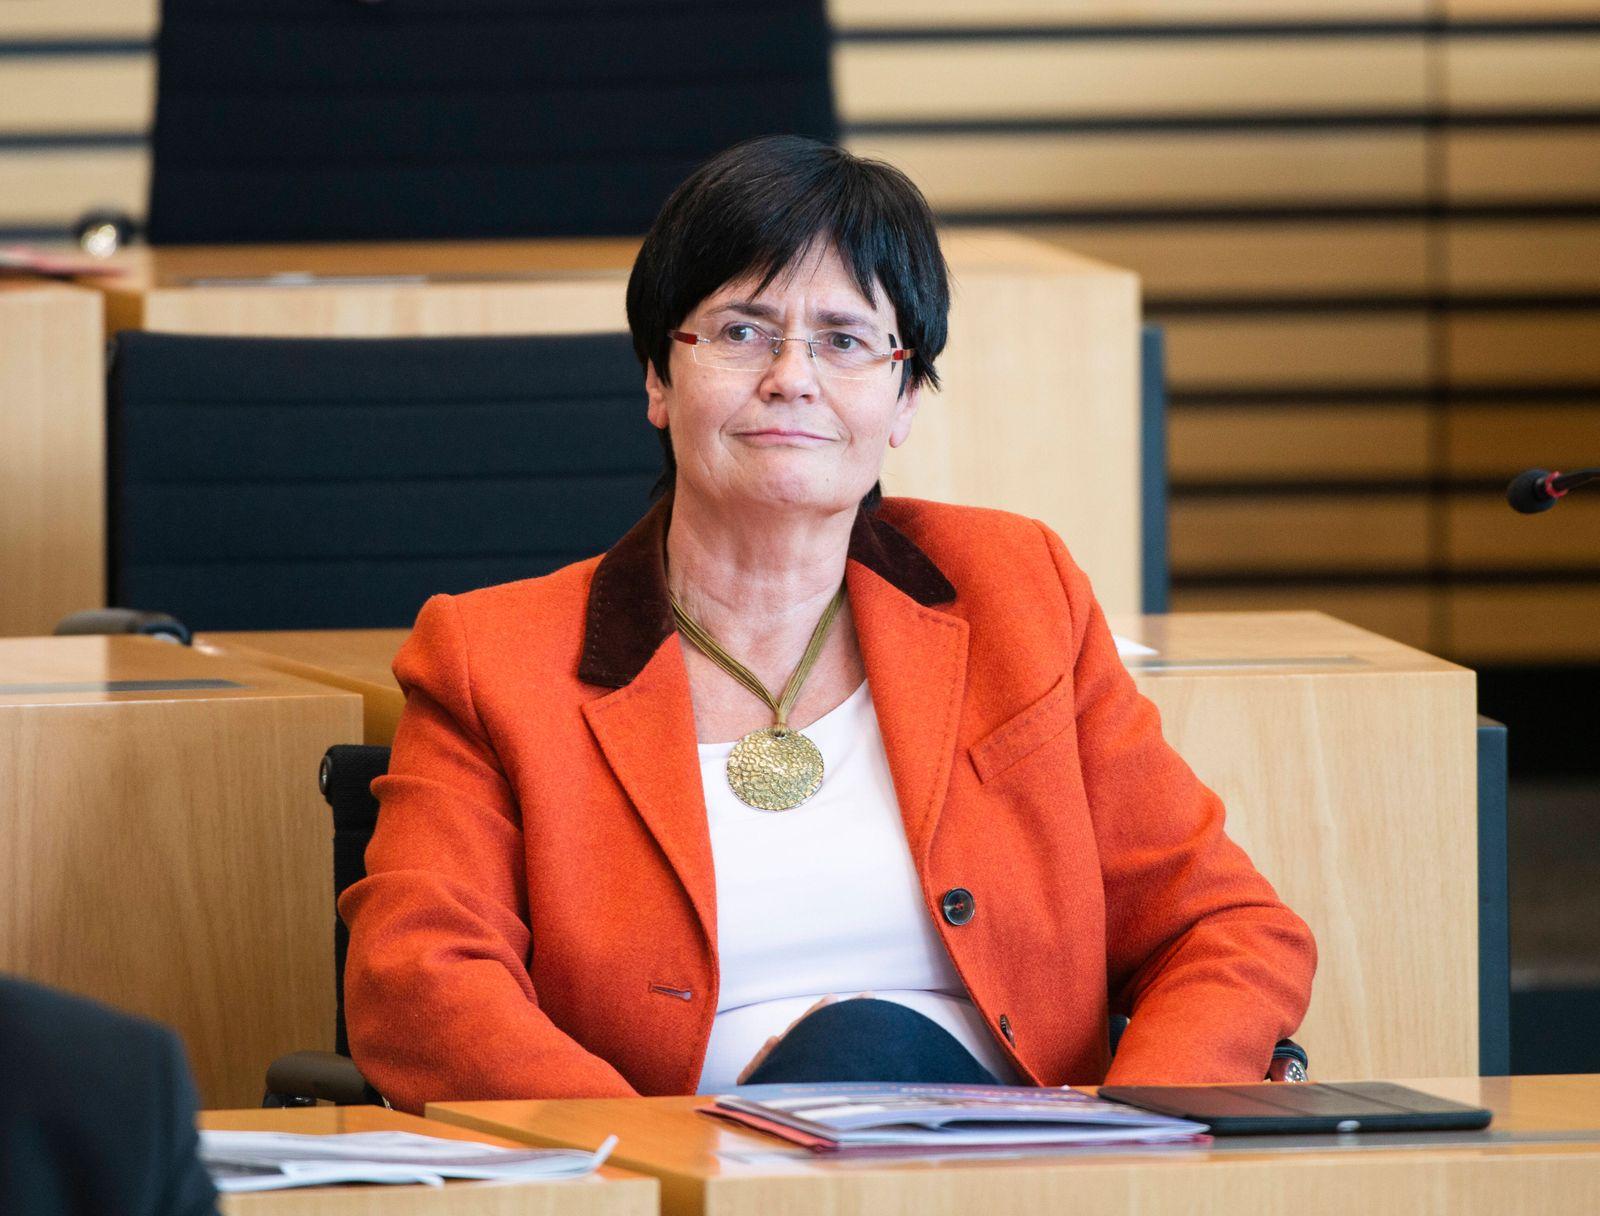 161. PLENARSITZUNG IM TH‹RINGER LANDTAG 01/10/2019 - Erfurt: Christine Lieberknecht (CDU) in der 161. Plenarsitzung des